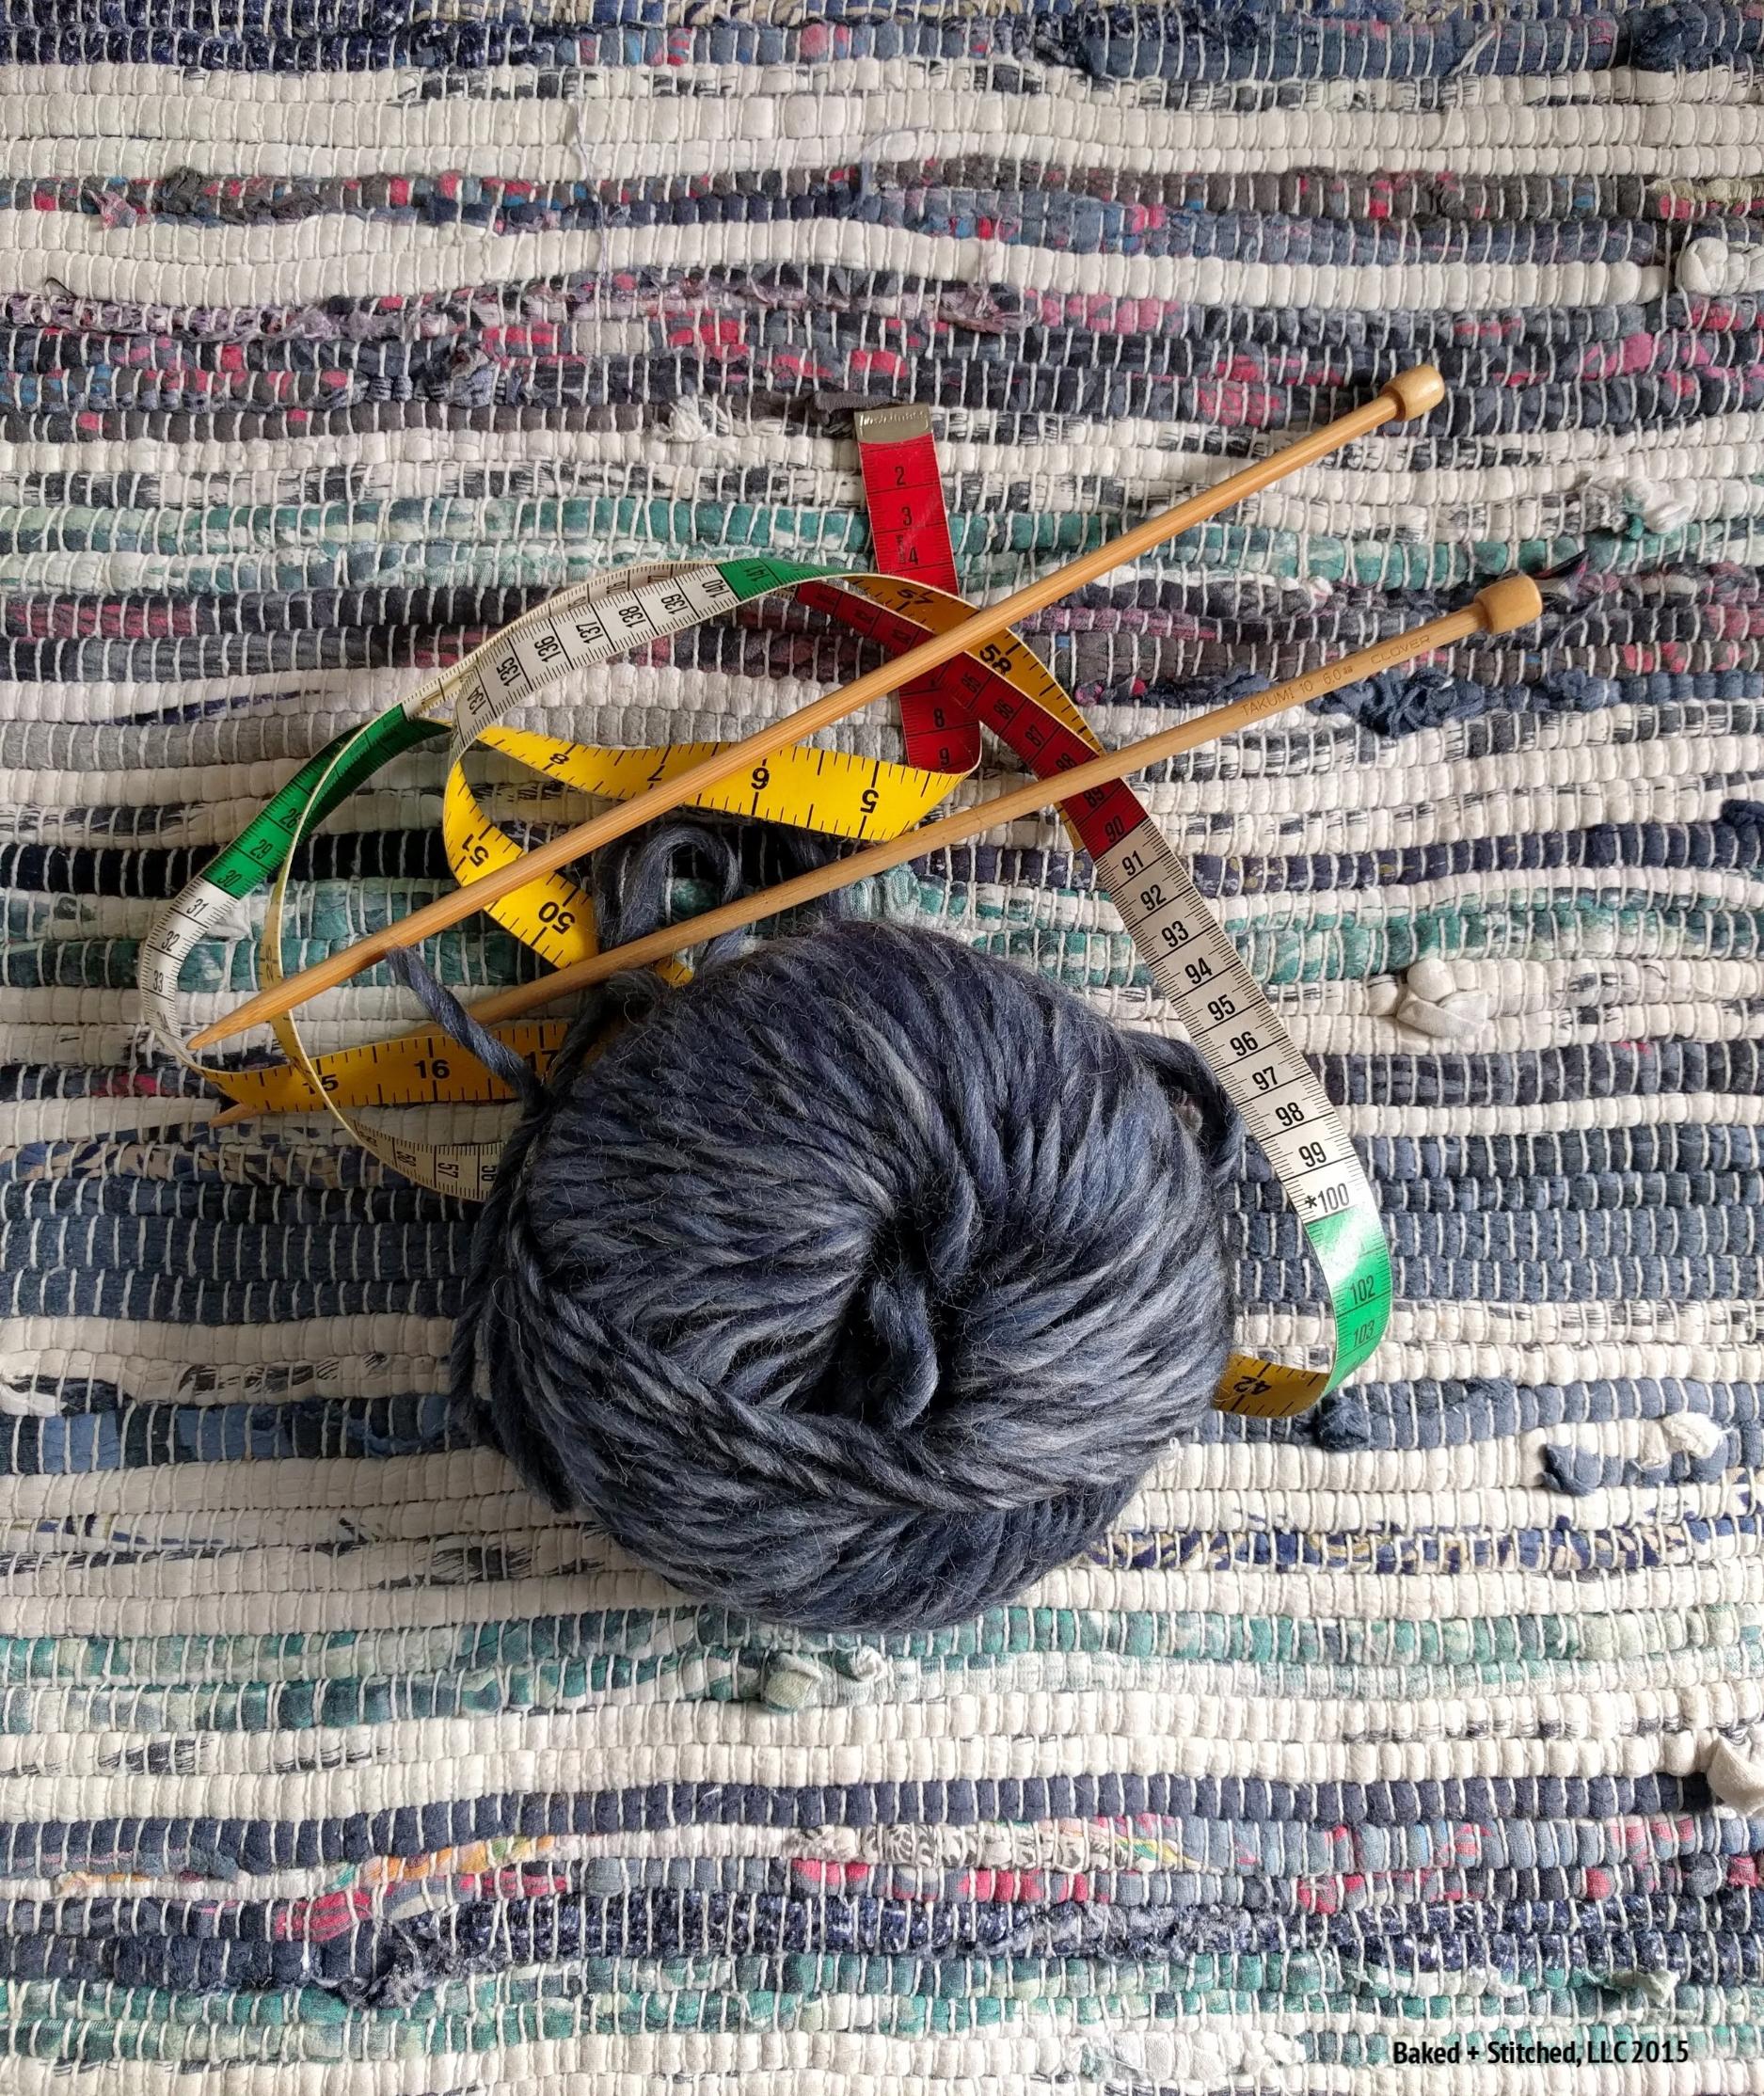 b+s_itsbeanietime_yarn.jpg